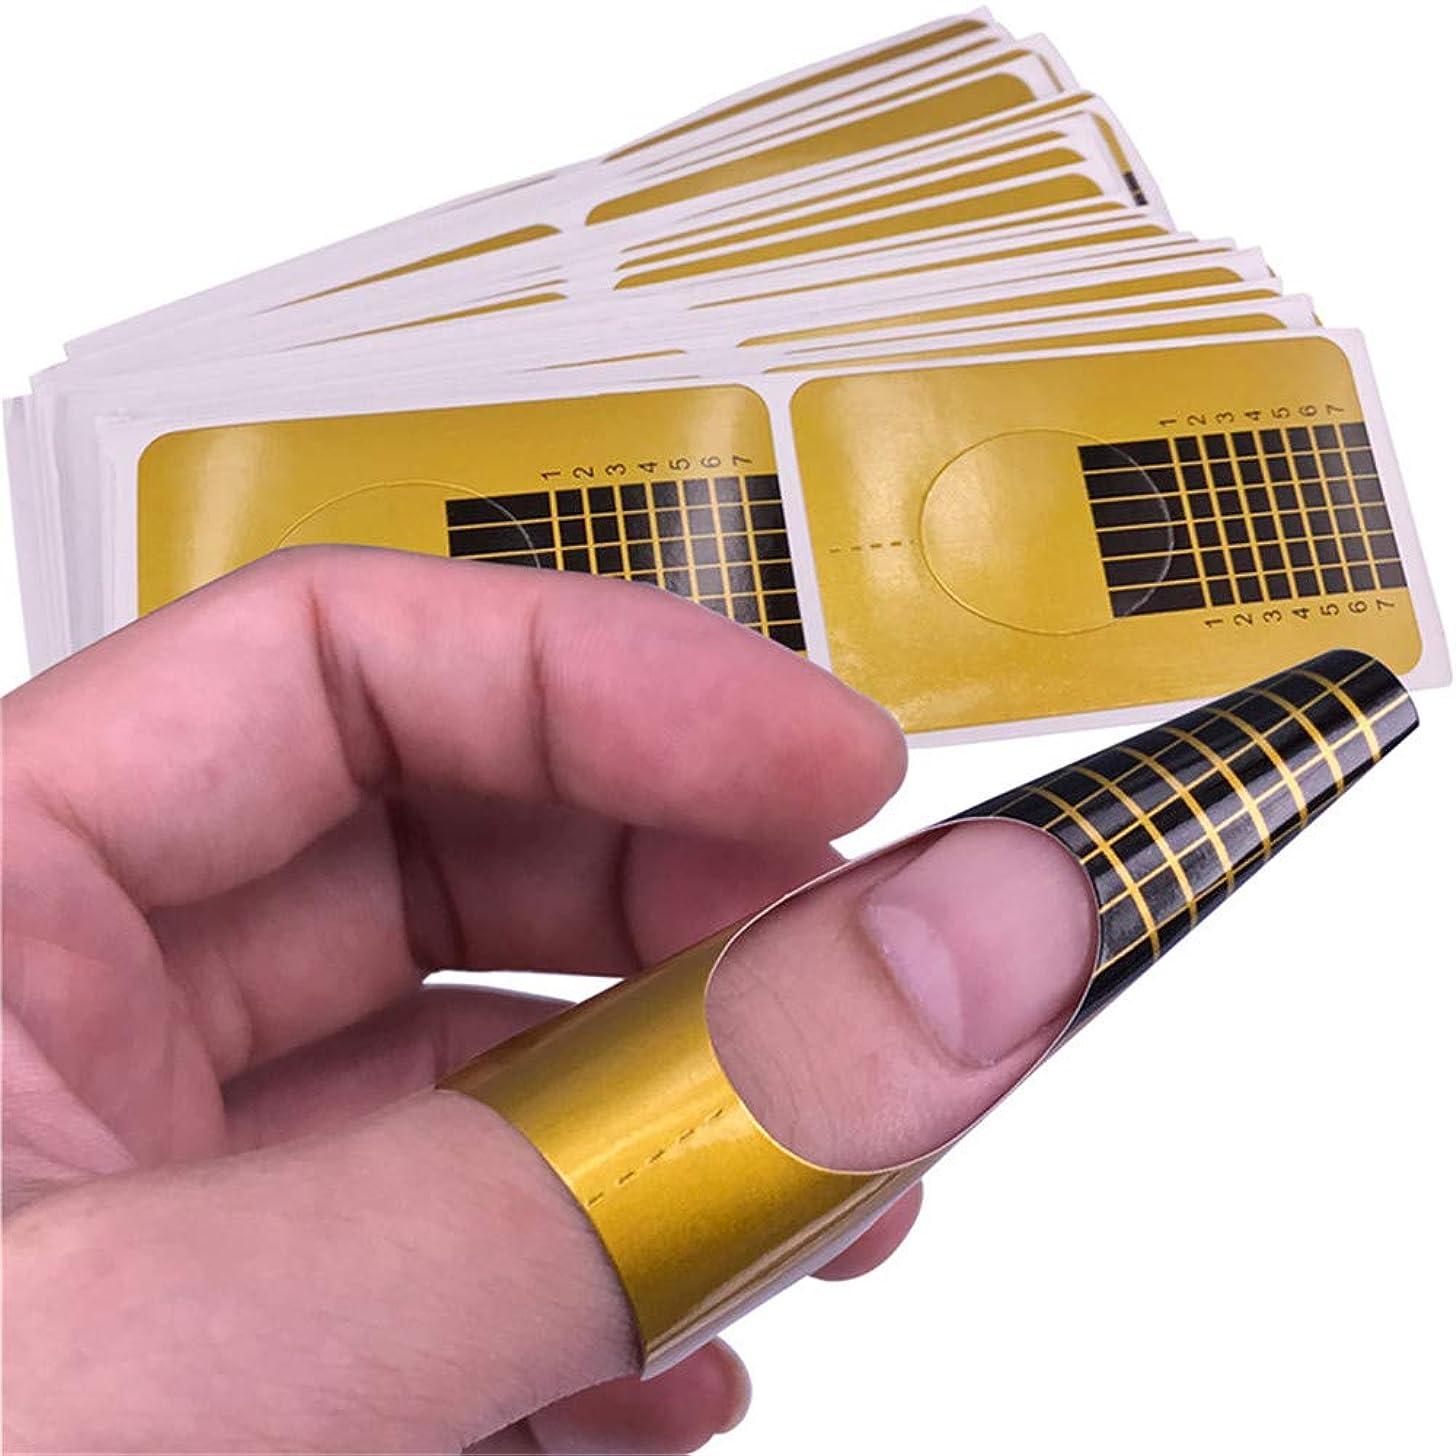 君主キウイプロテスタント1st market 耐久性100ピース光線療法クリスタルアーマーエクステンションペーパートレイジェルフィンガーネイルエクステンションuvジェルポリッシュネイルアートペーパーケア